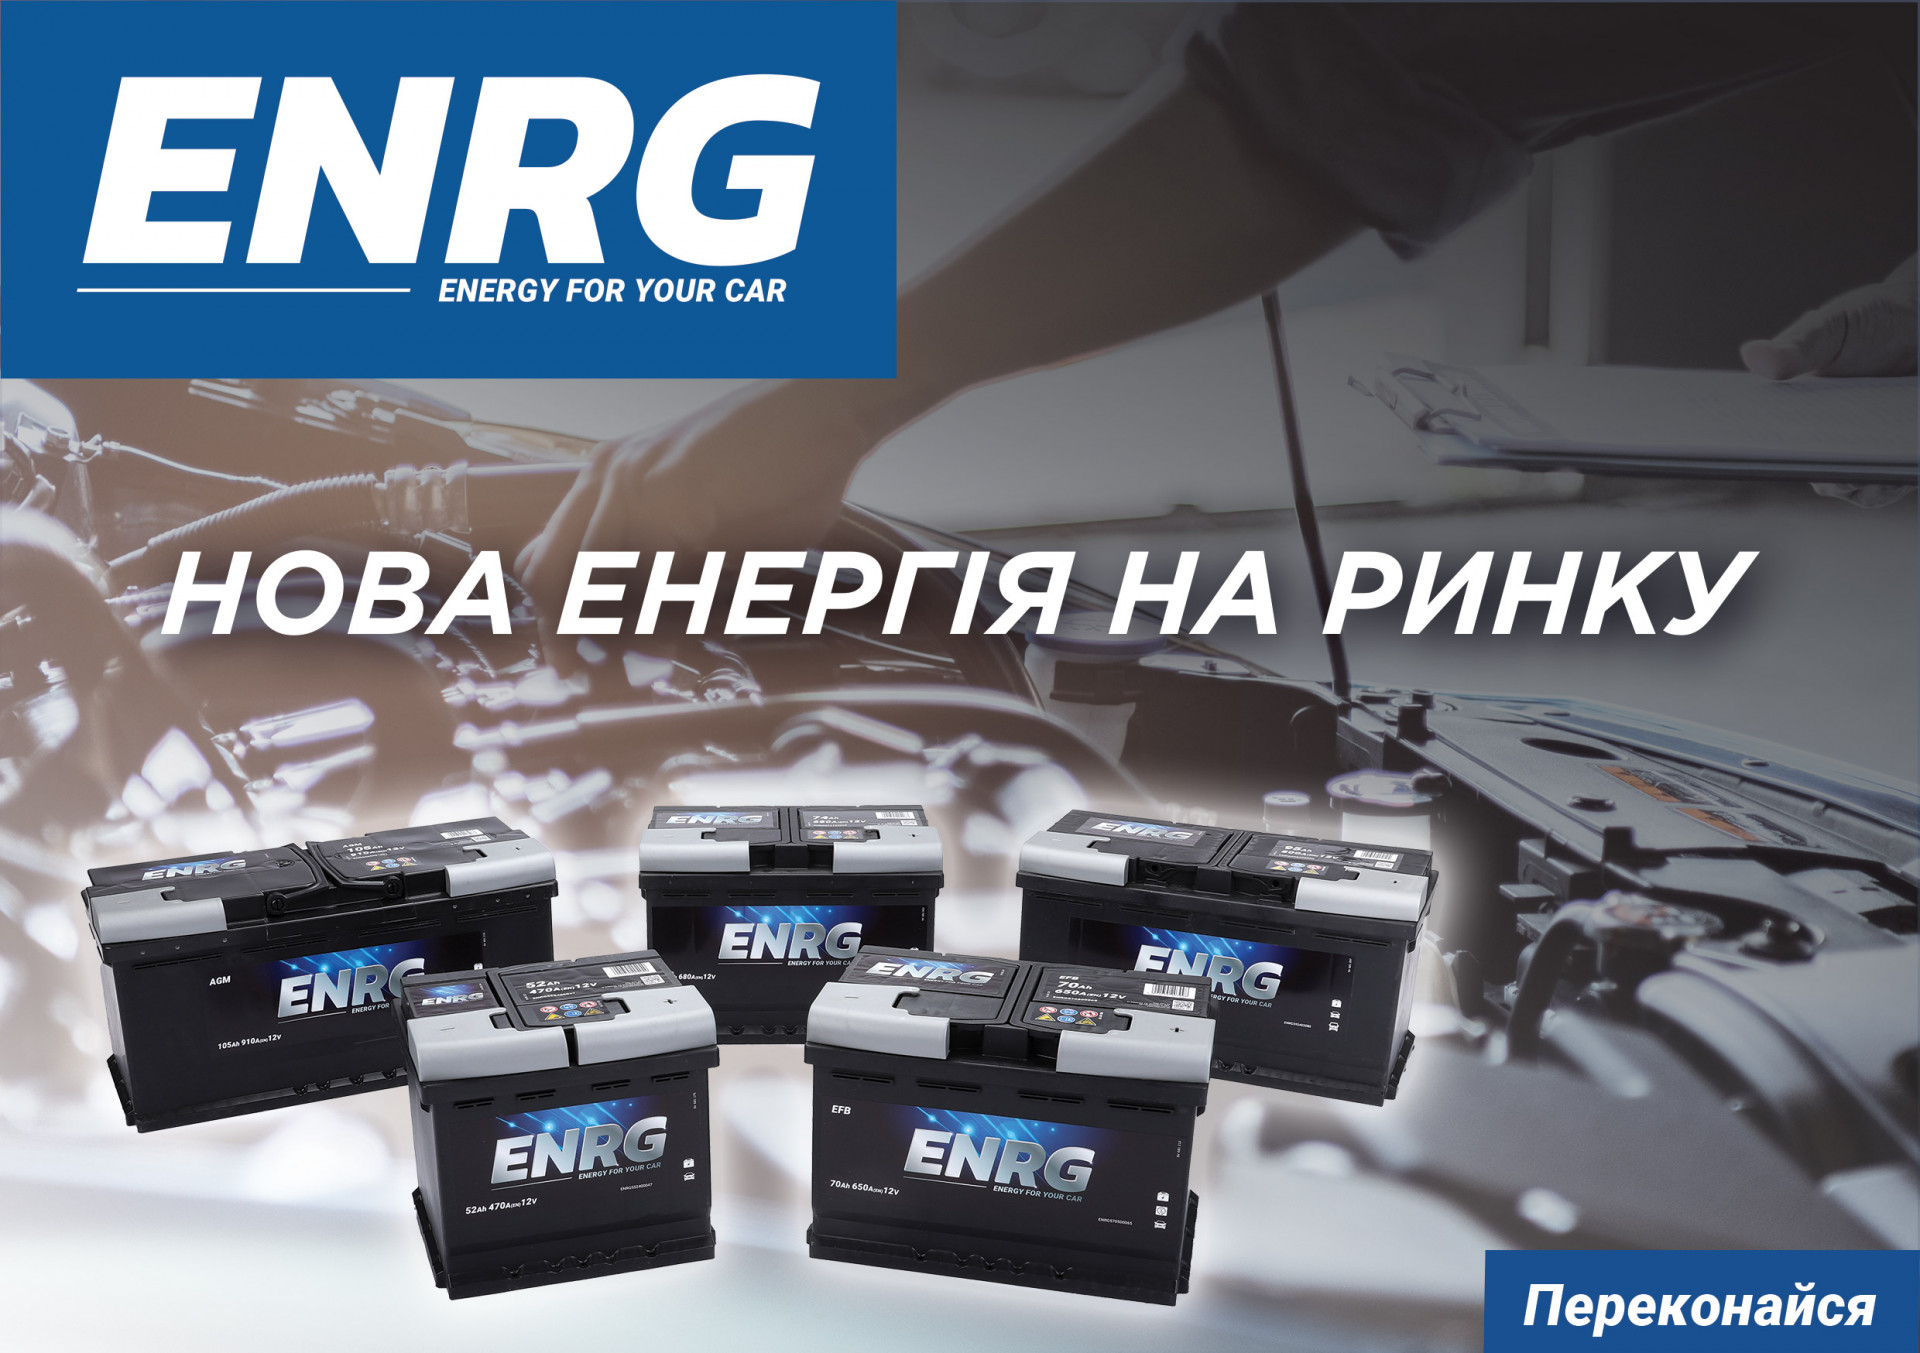 a5_20210603-ENRG.jpg